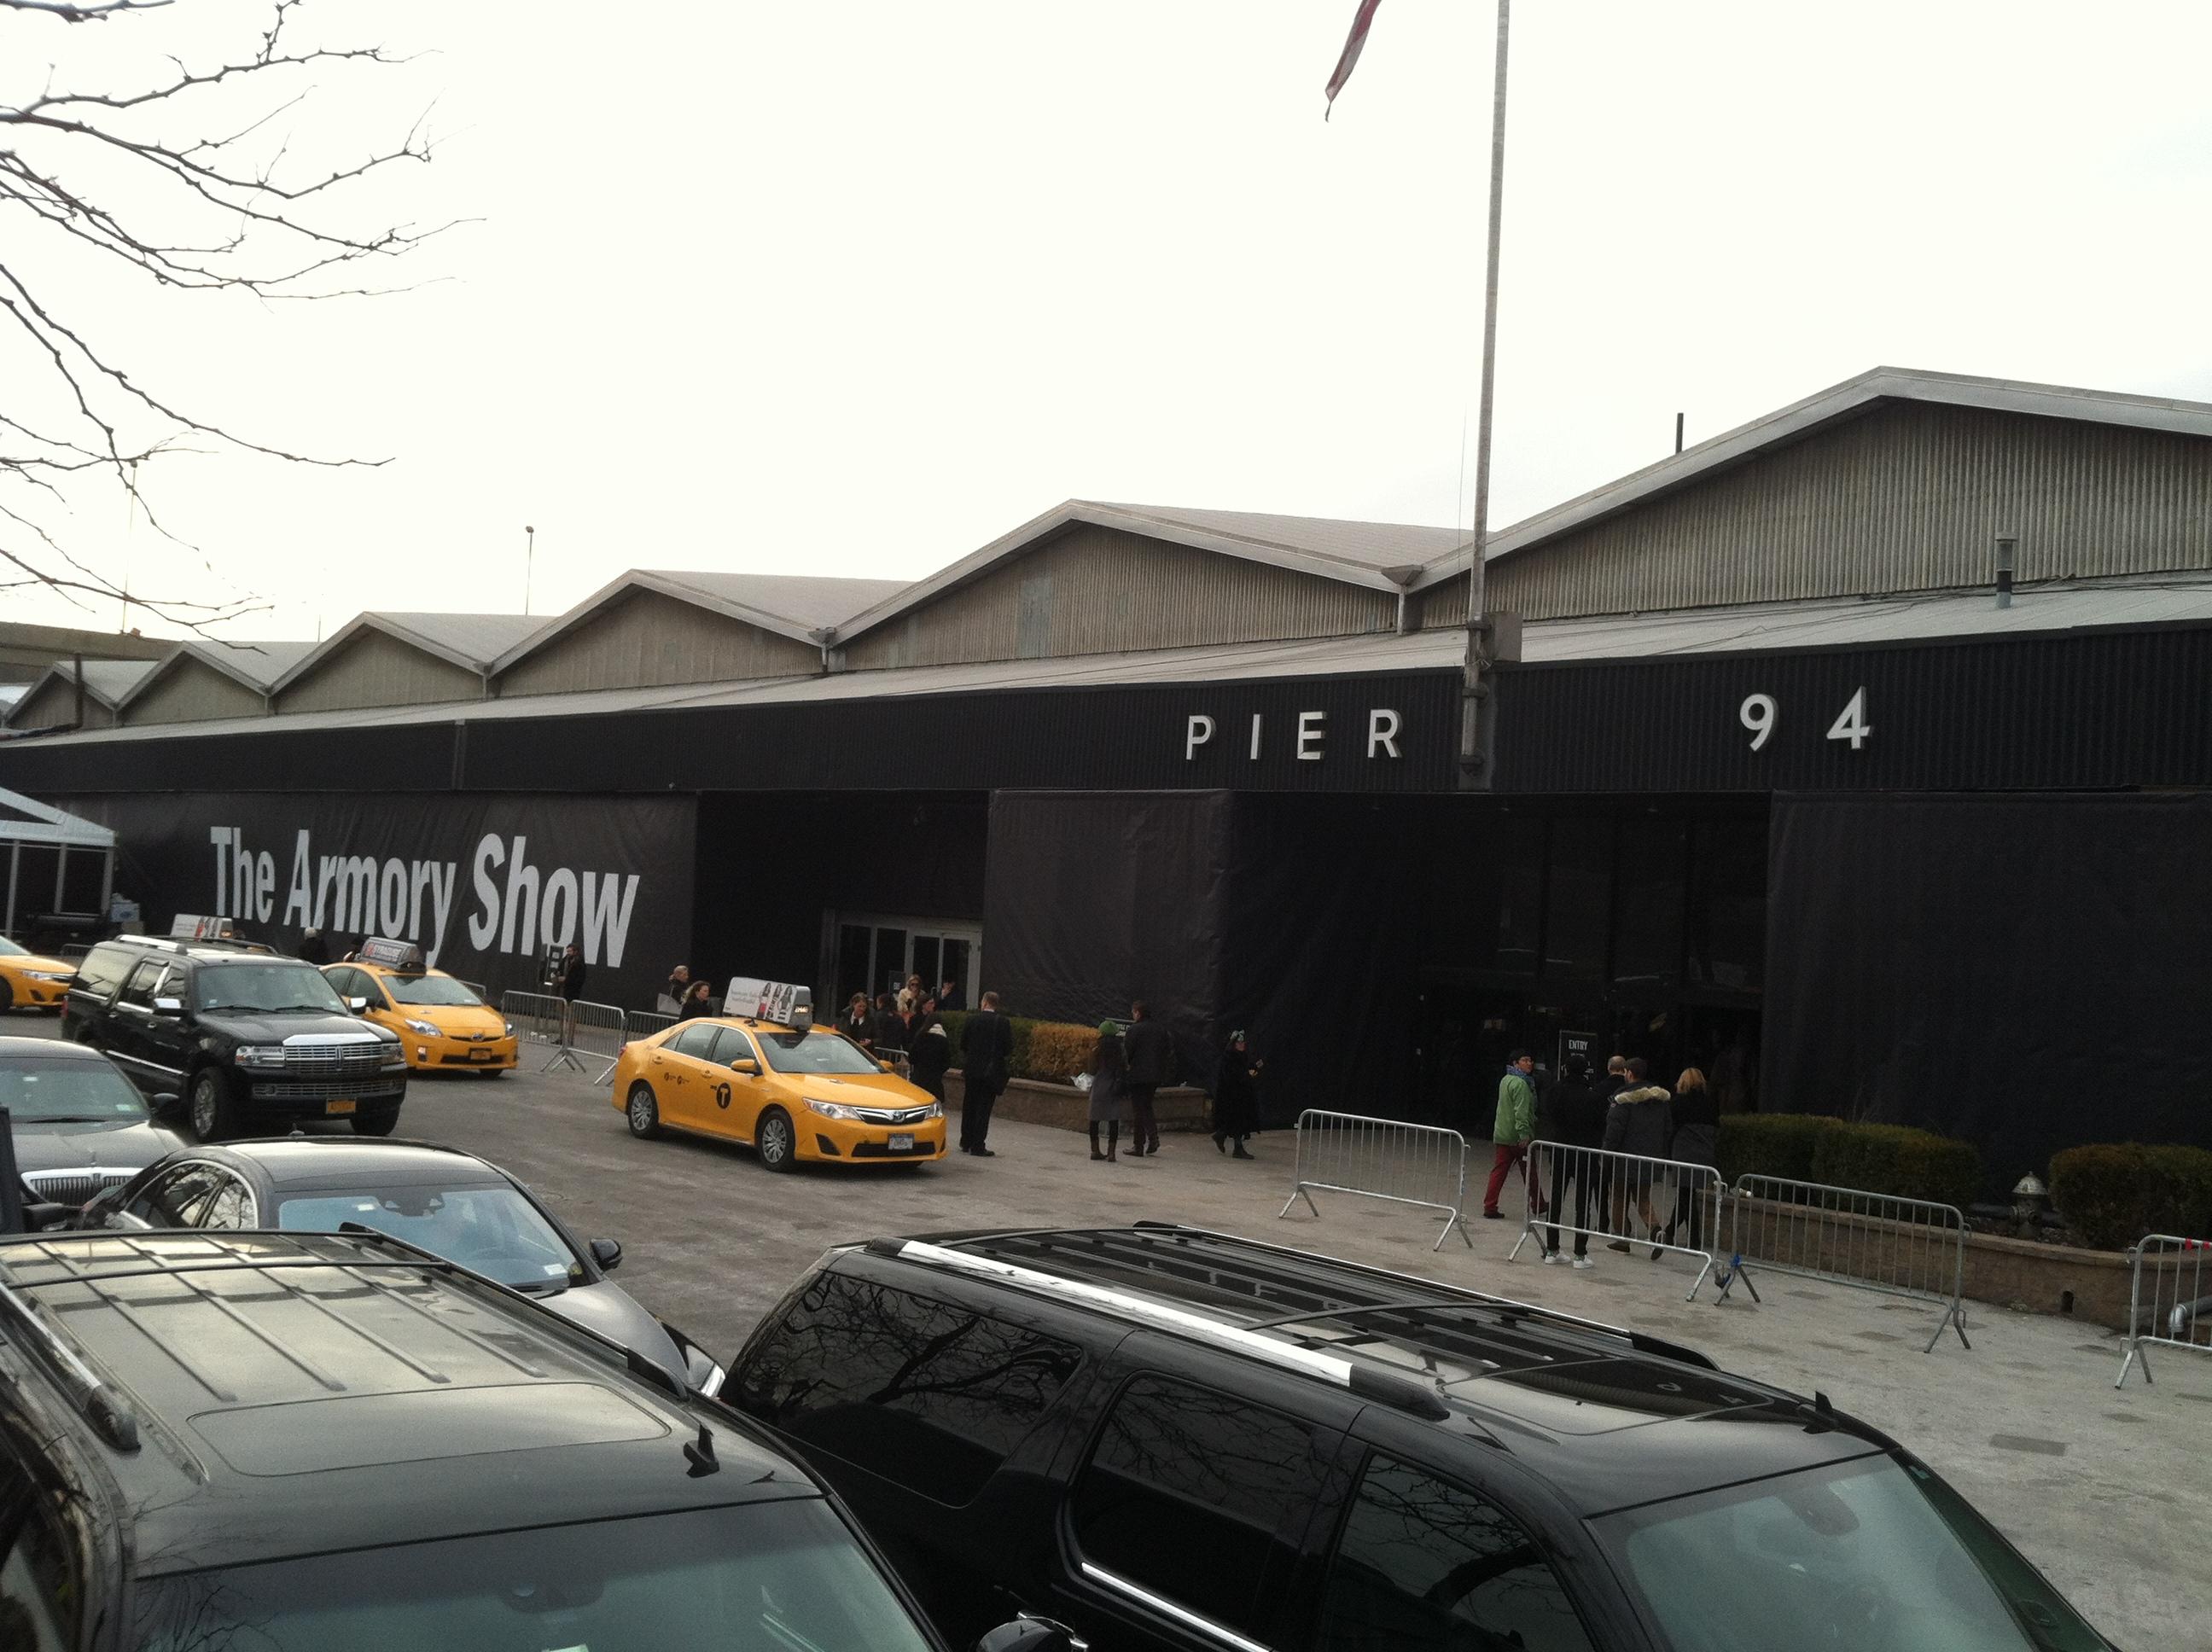 Home Design Show Pier 92 Part - 21: 29+ [ Home Design Show Pier 29 ] | Your Go To Guide For Art